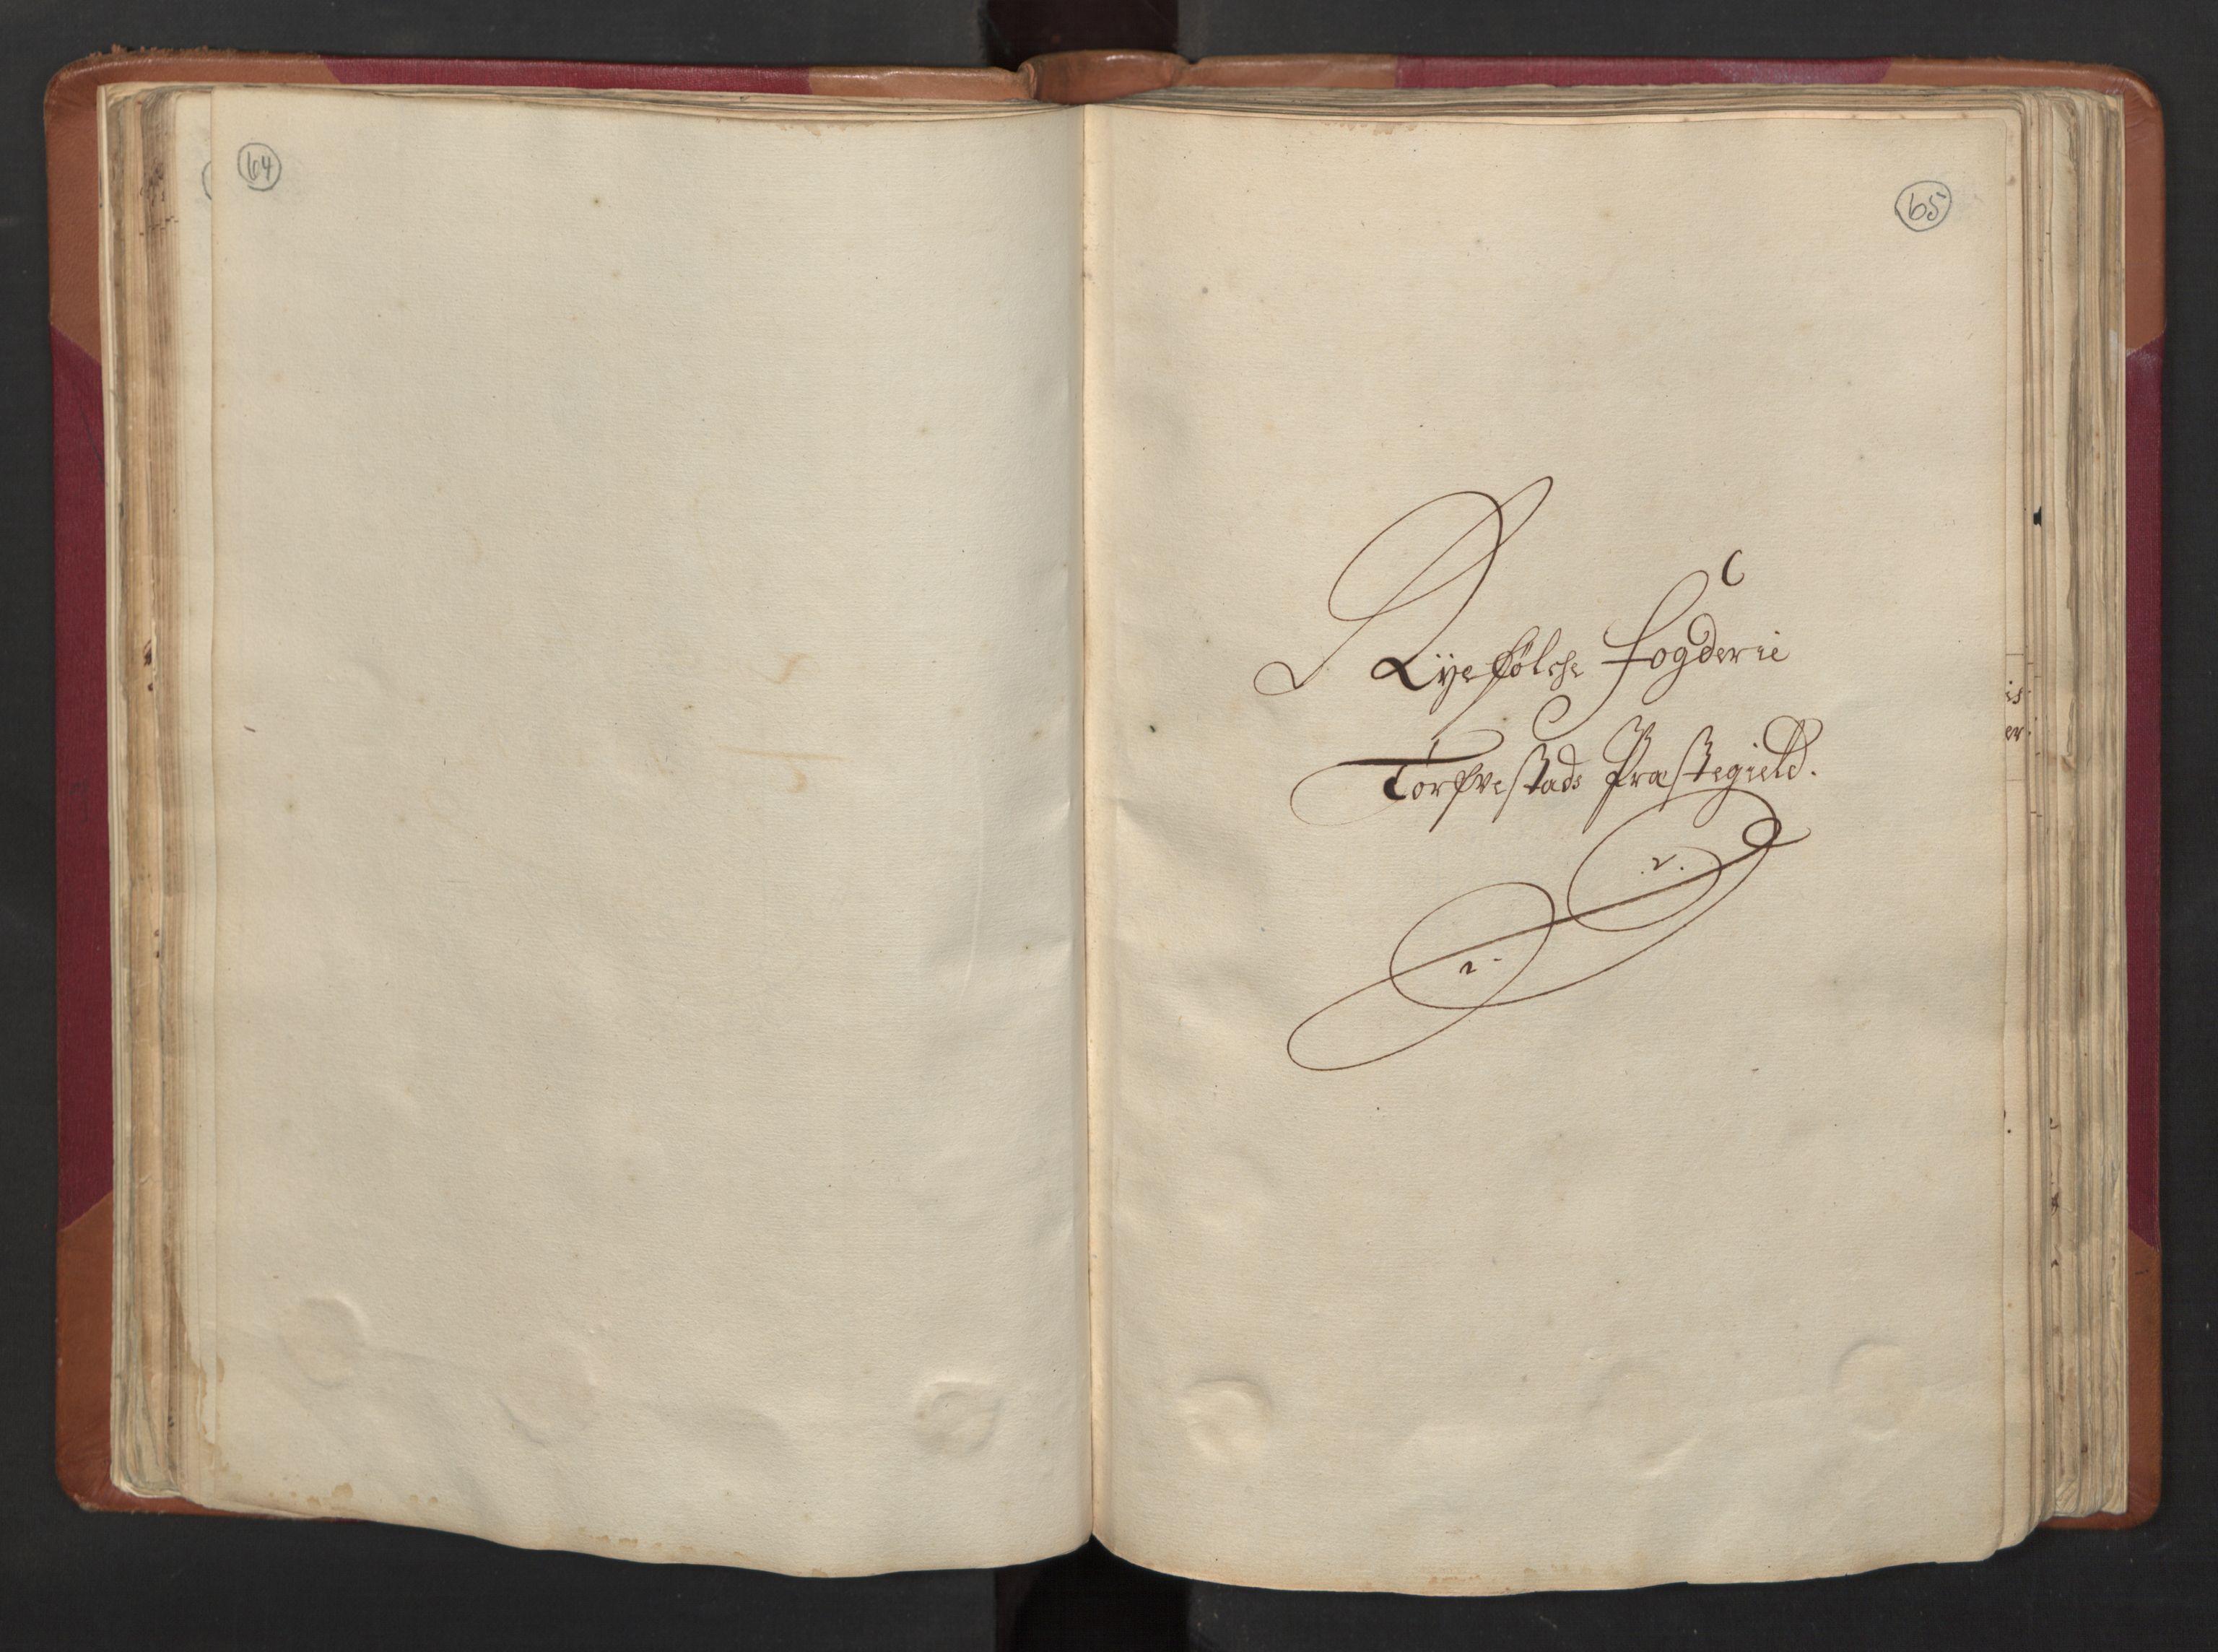 RA, Manntallet 1701, nr. 5: Ryfylke fogderi, 1701, s. 64-65